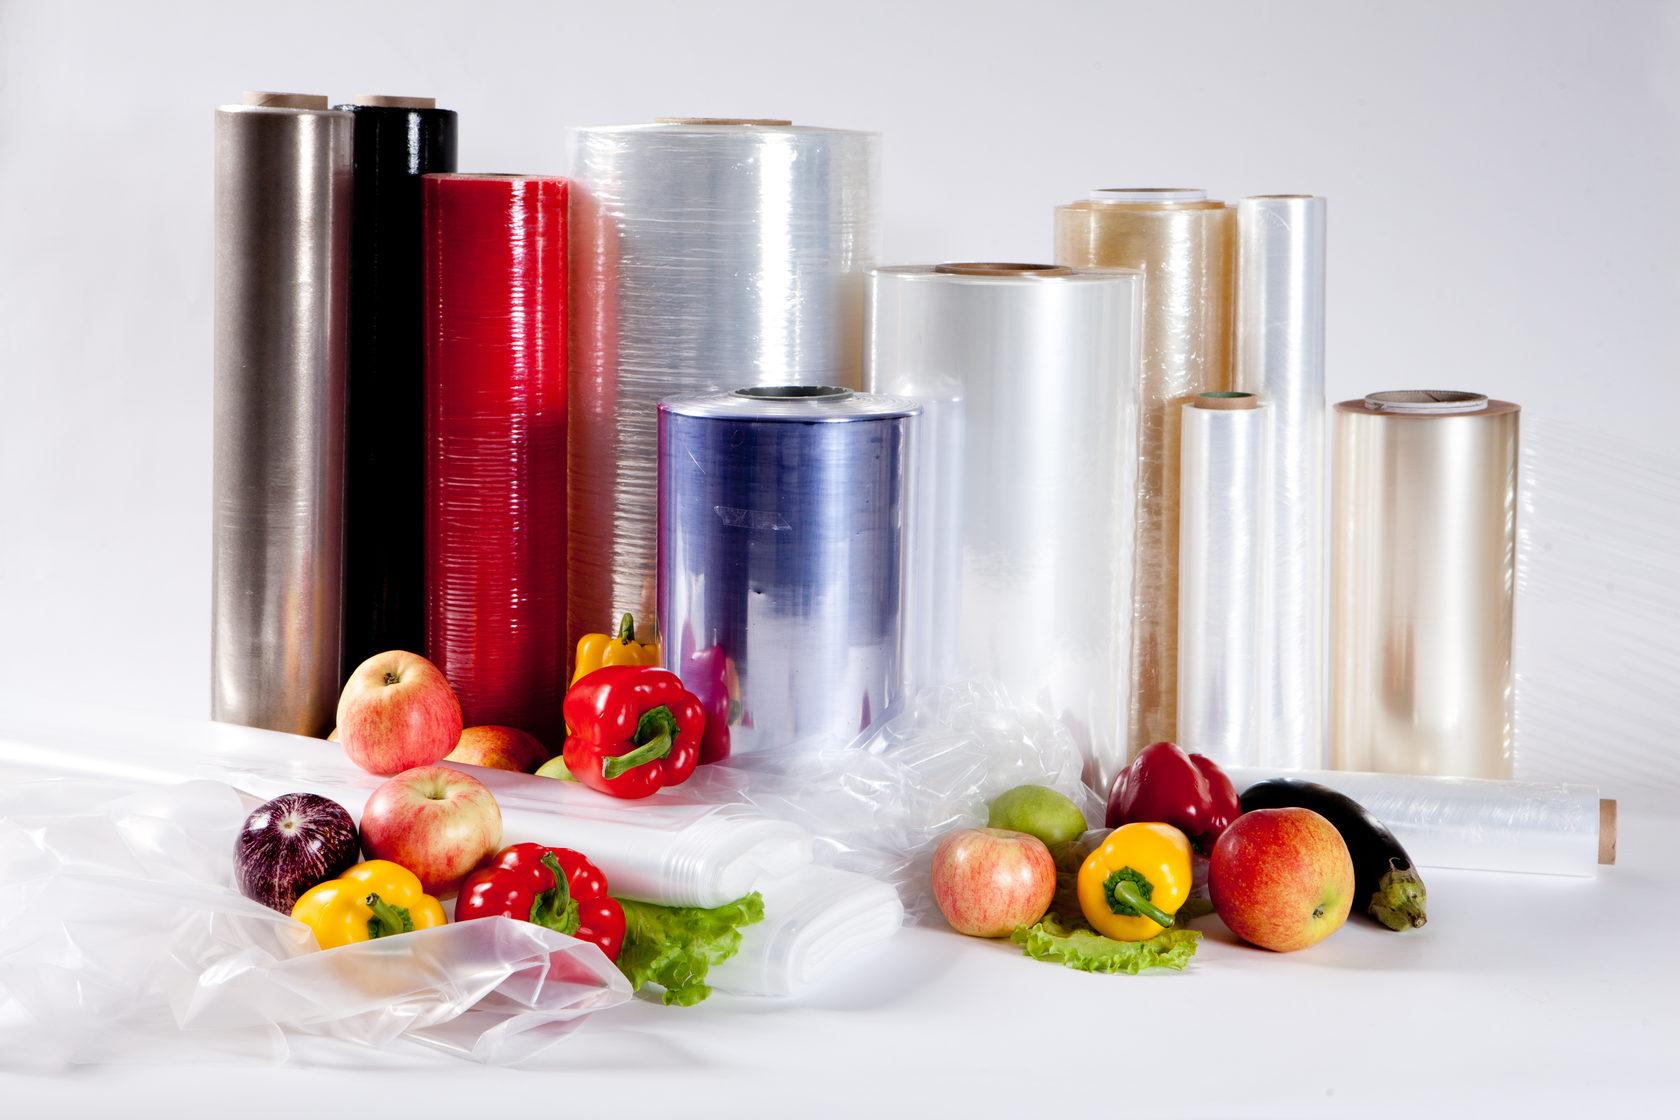 Картинка упаковочных материалов